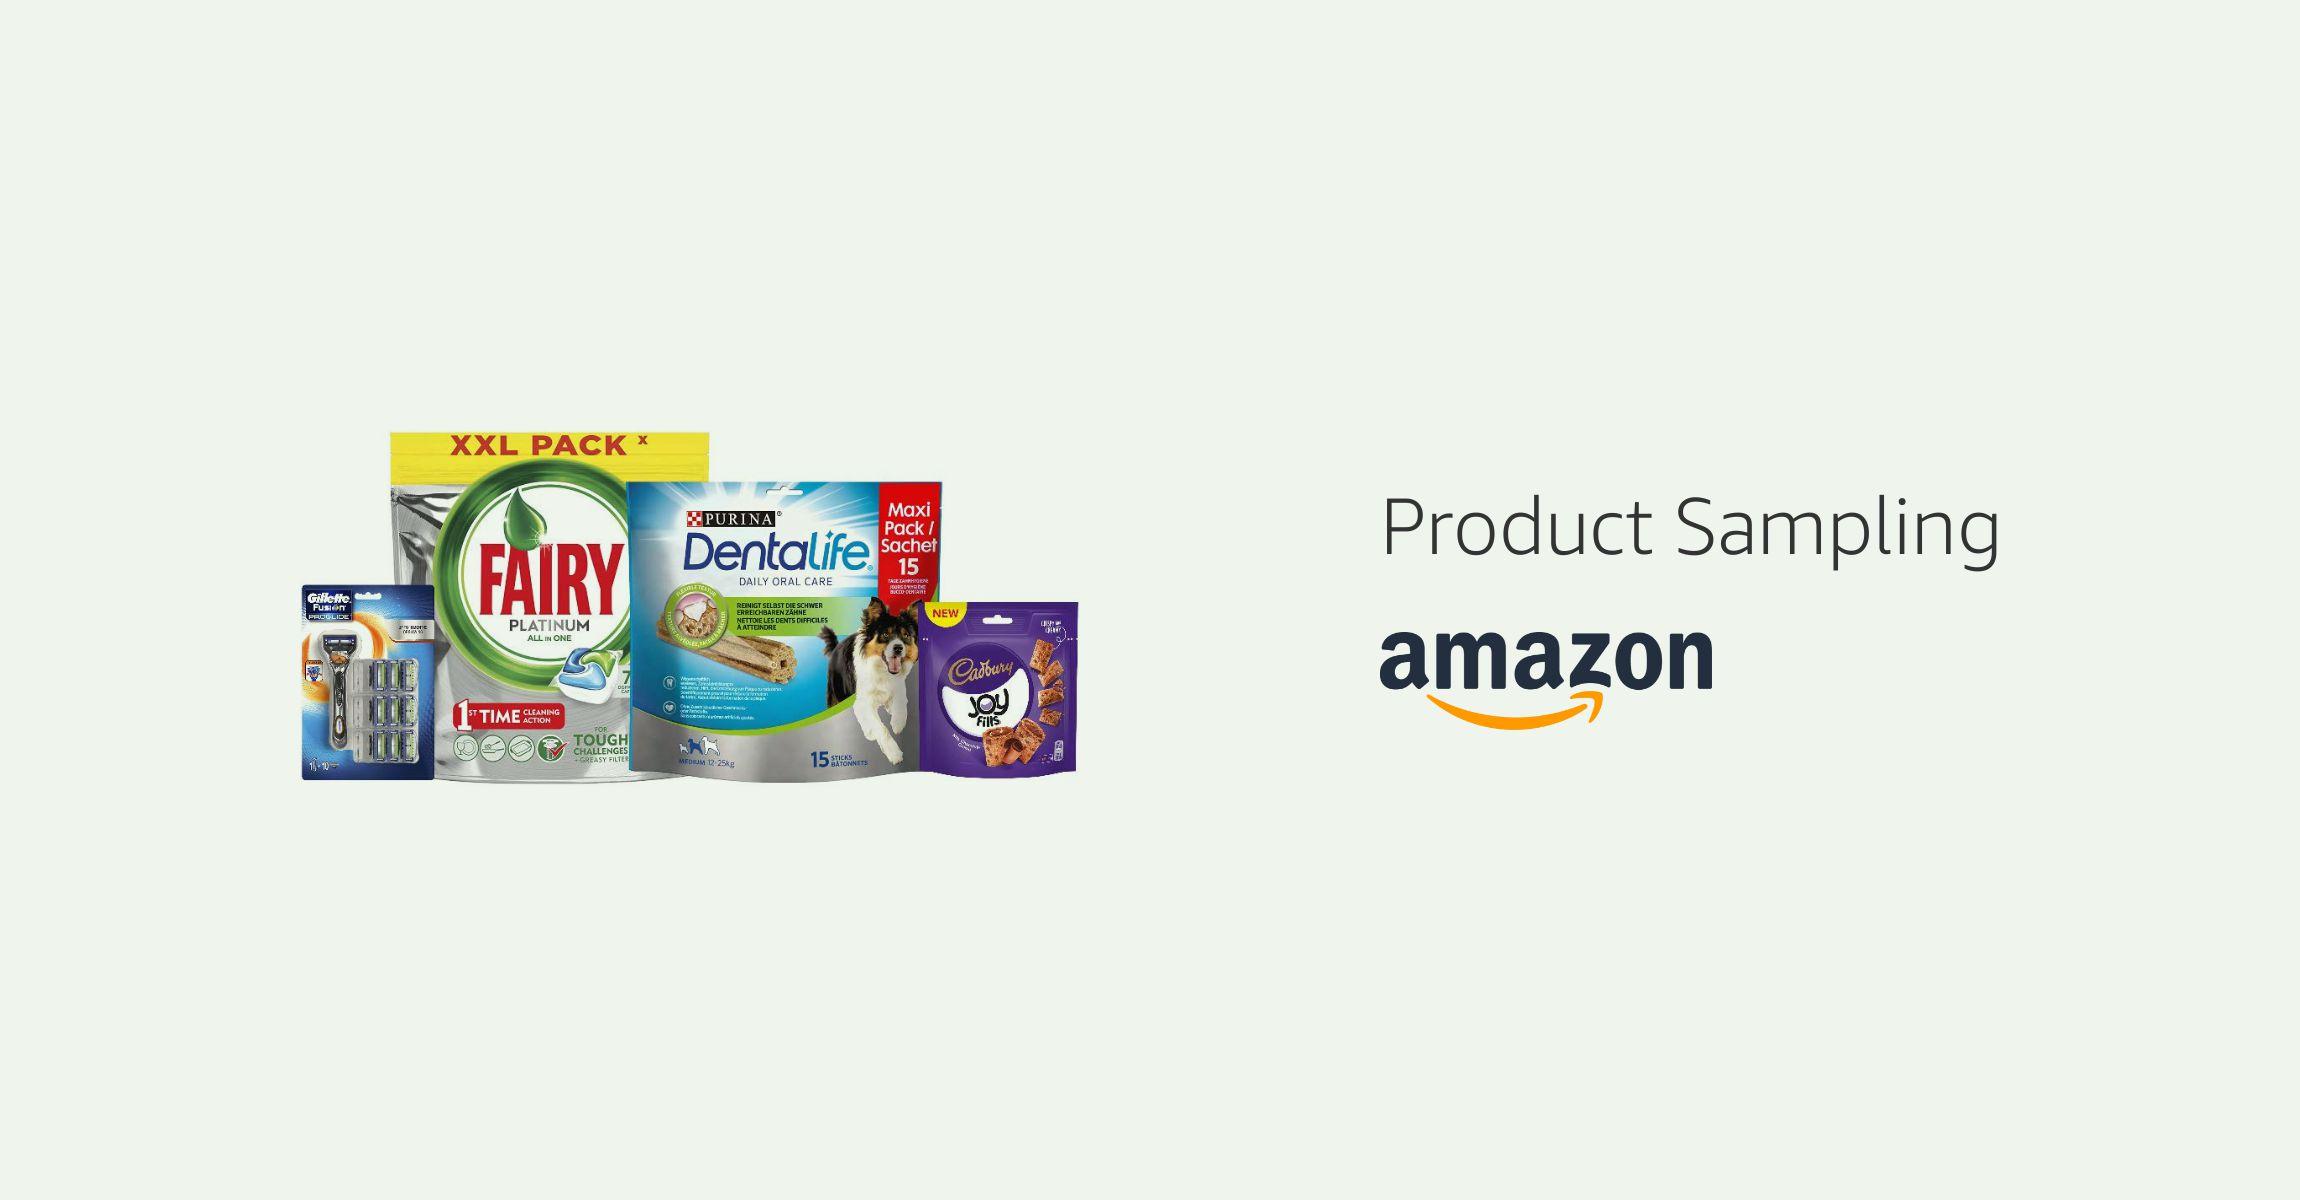 Amazon Product Sampling arriva in Italia: il programma per ricevere gratuitamente prodotti direttamente da Amazon